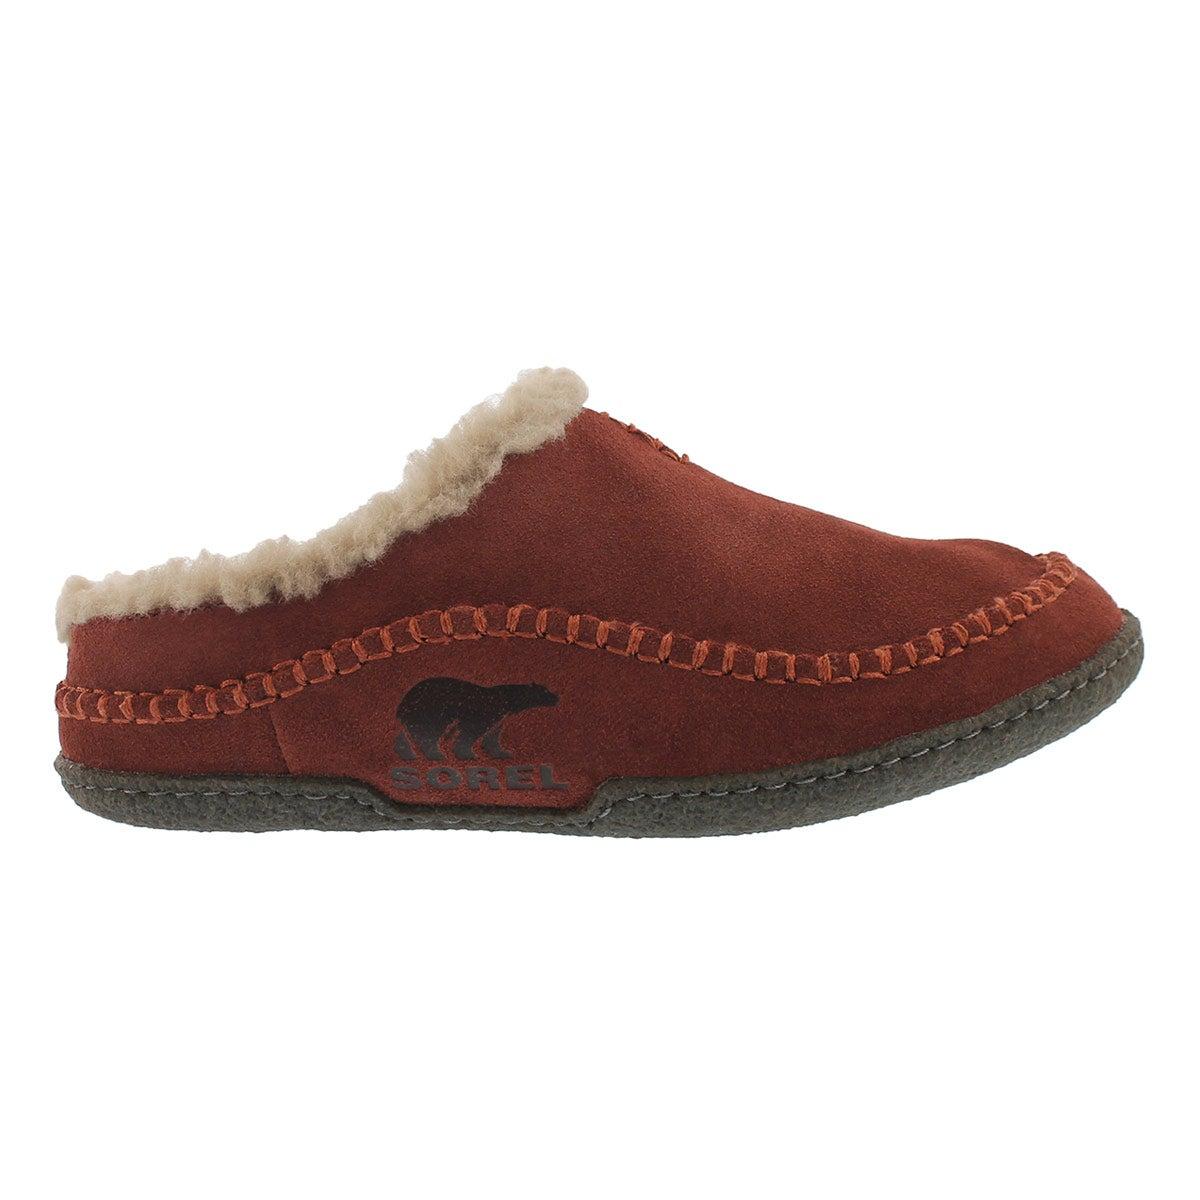 Mns Falcon Ridge spice open back slipper